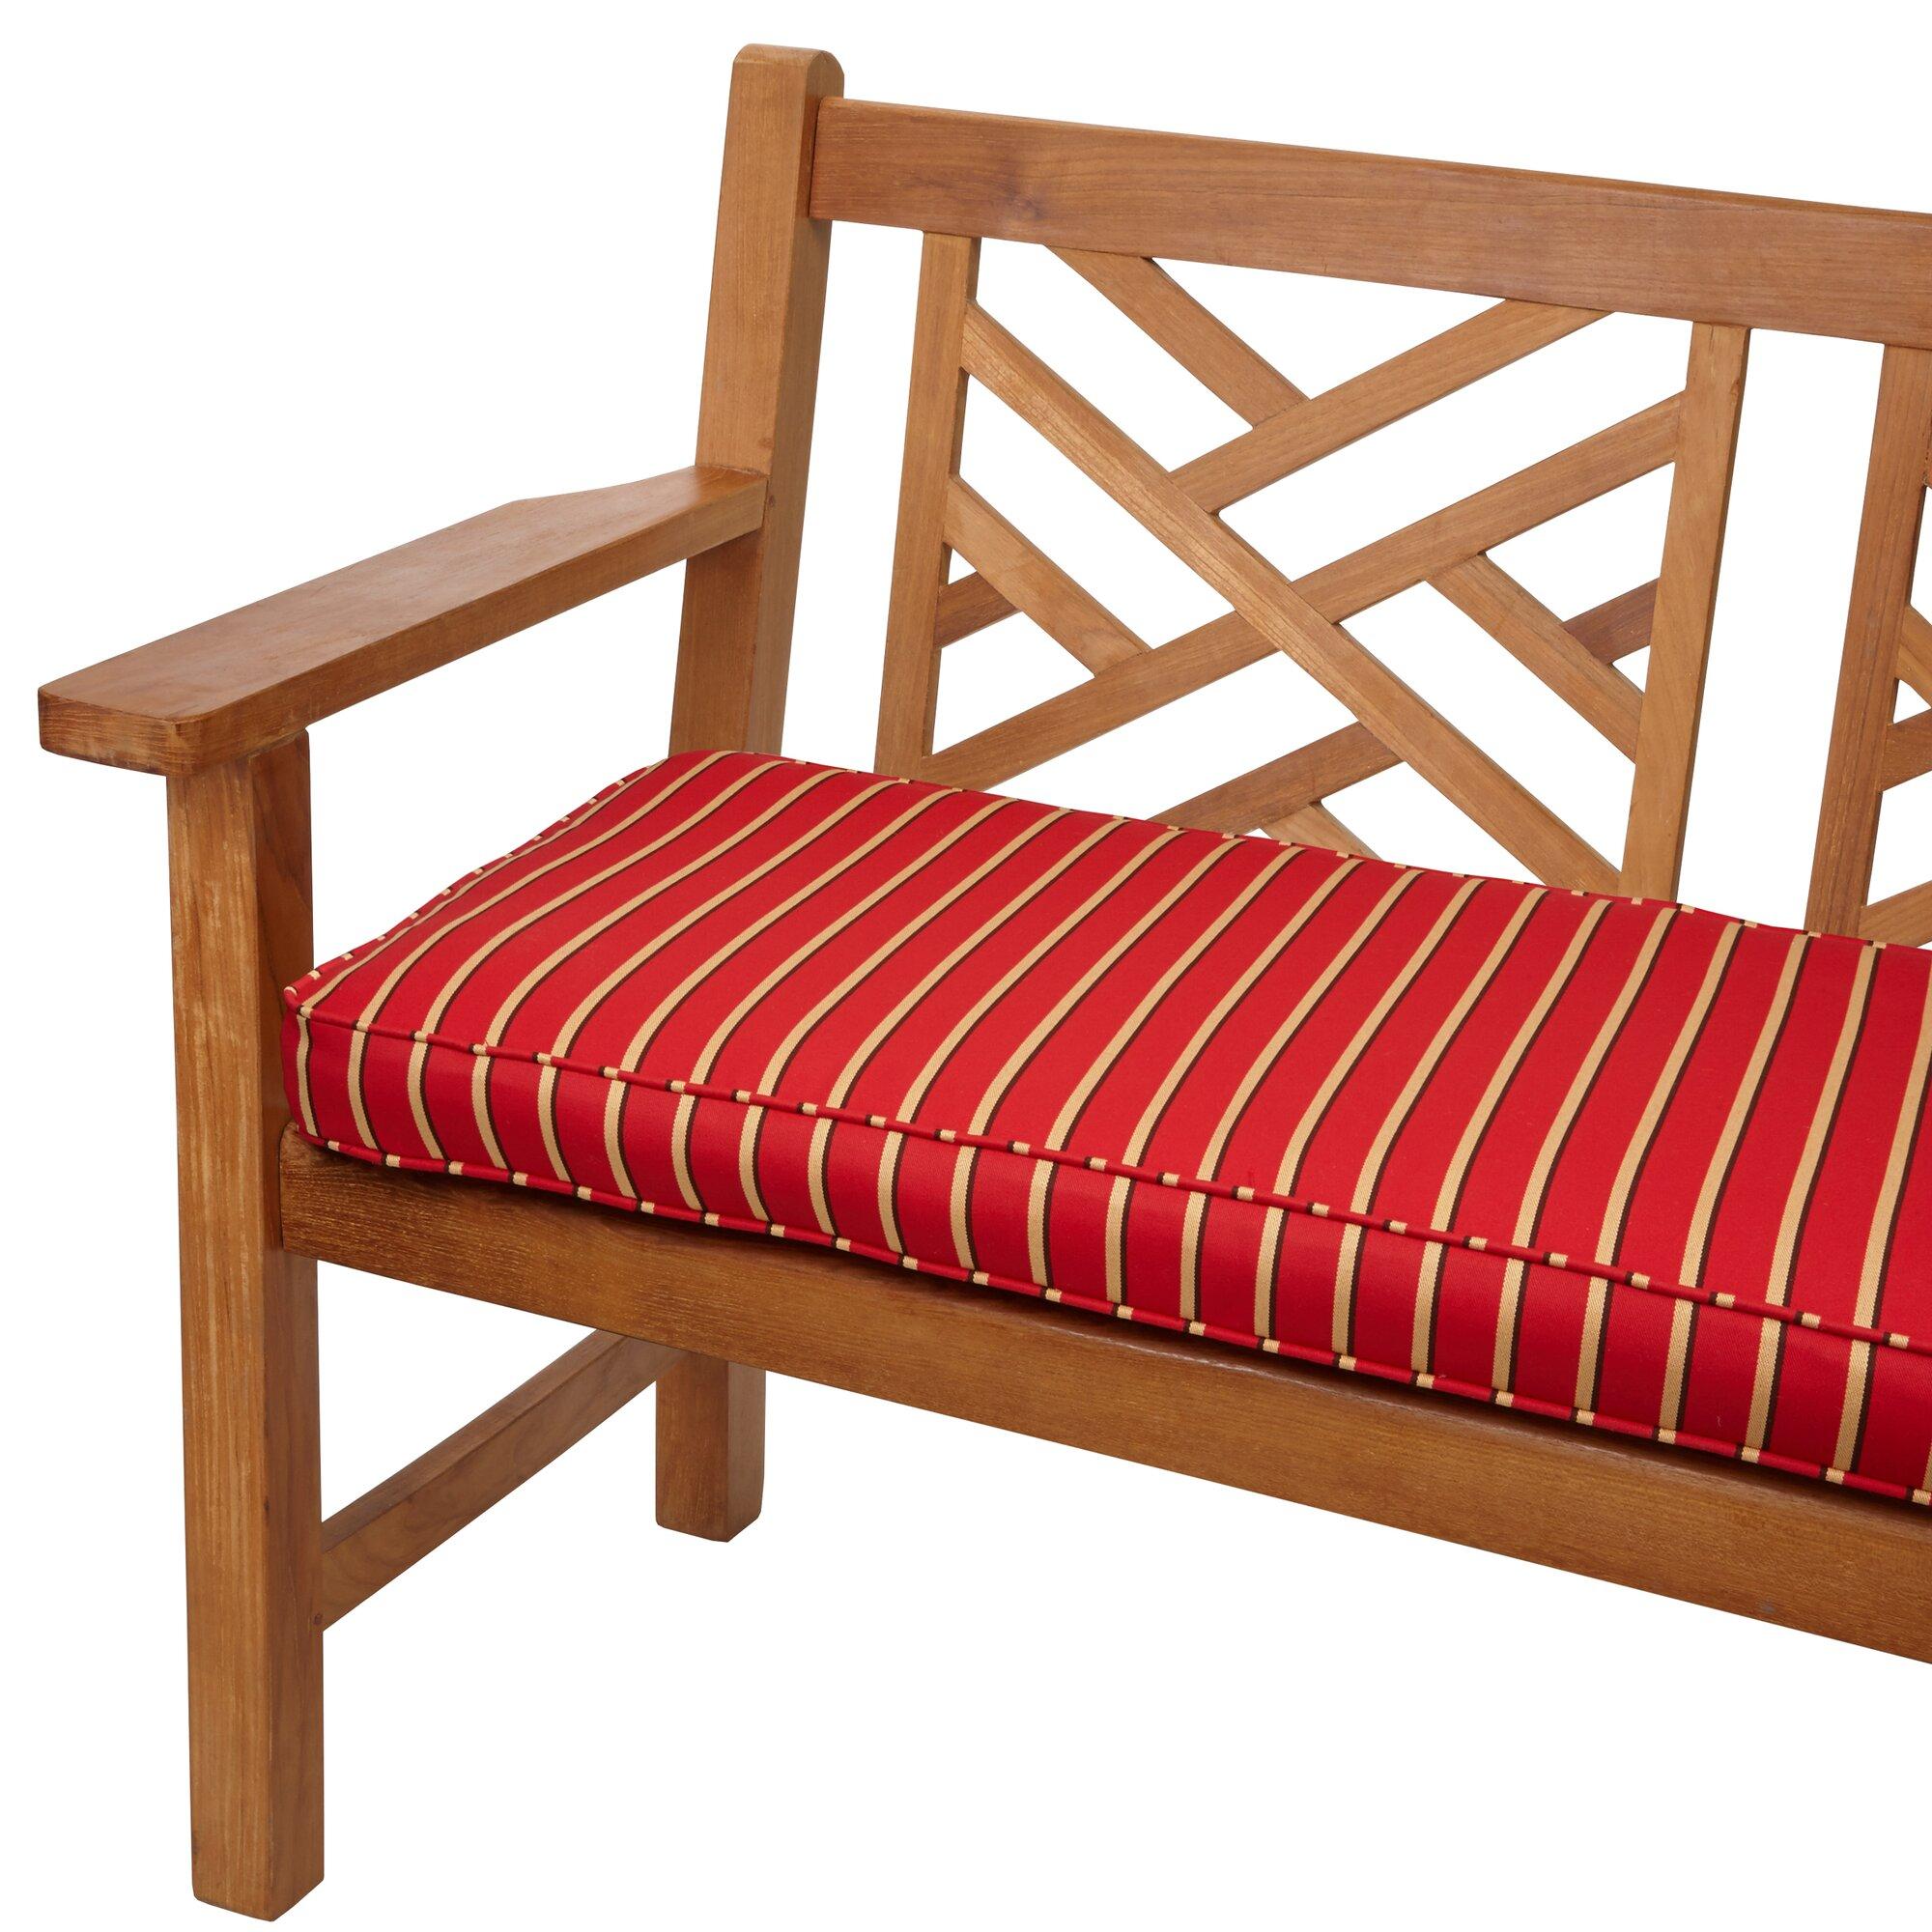 Mozaic Company Outdoor Sunbrella Bench Cushion Reviews